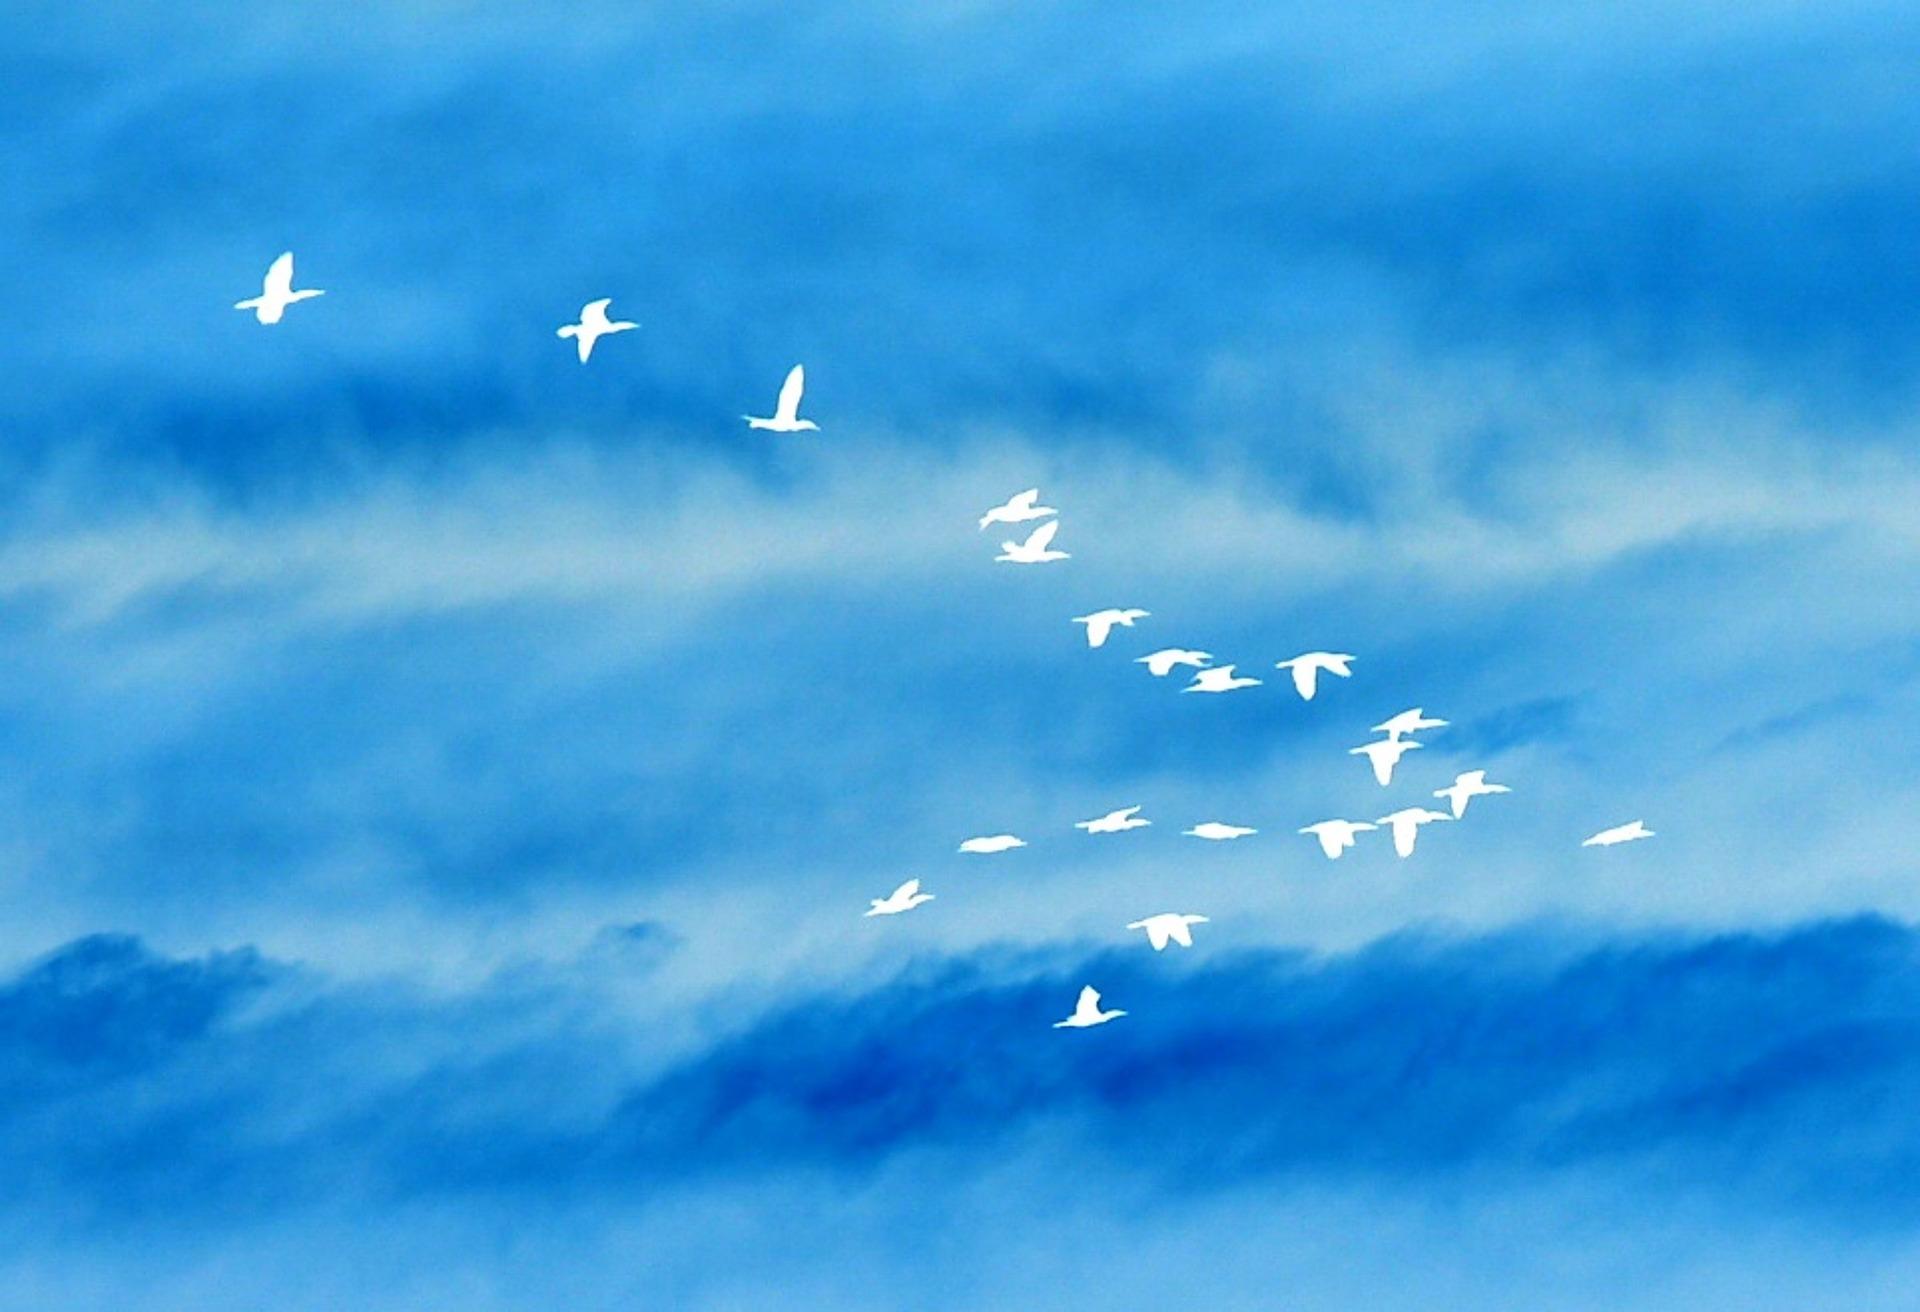 birds-707348_1920.jpg